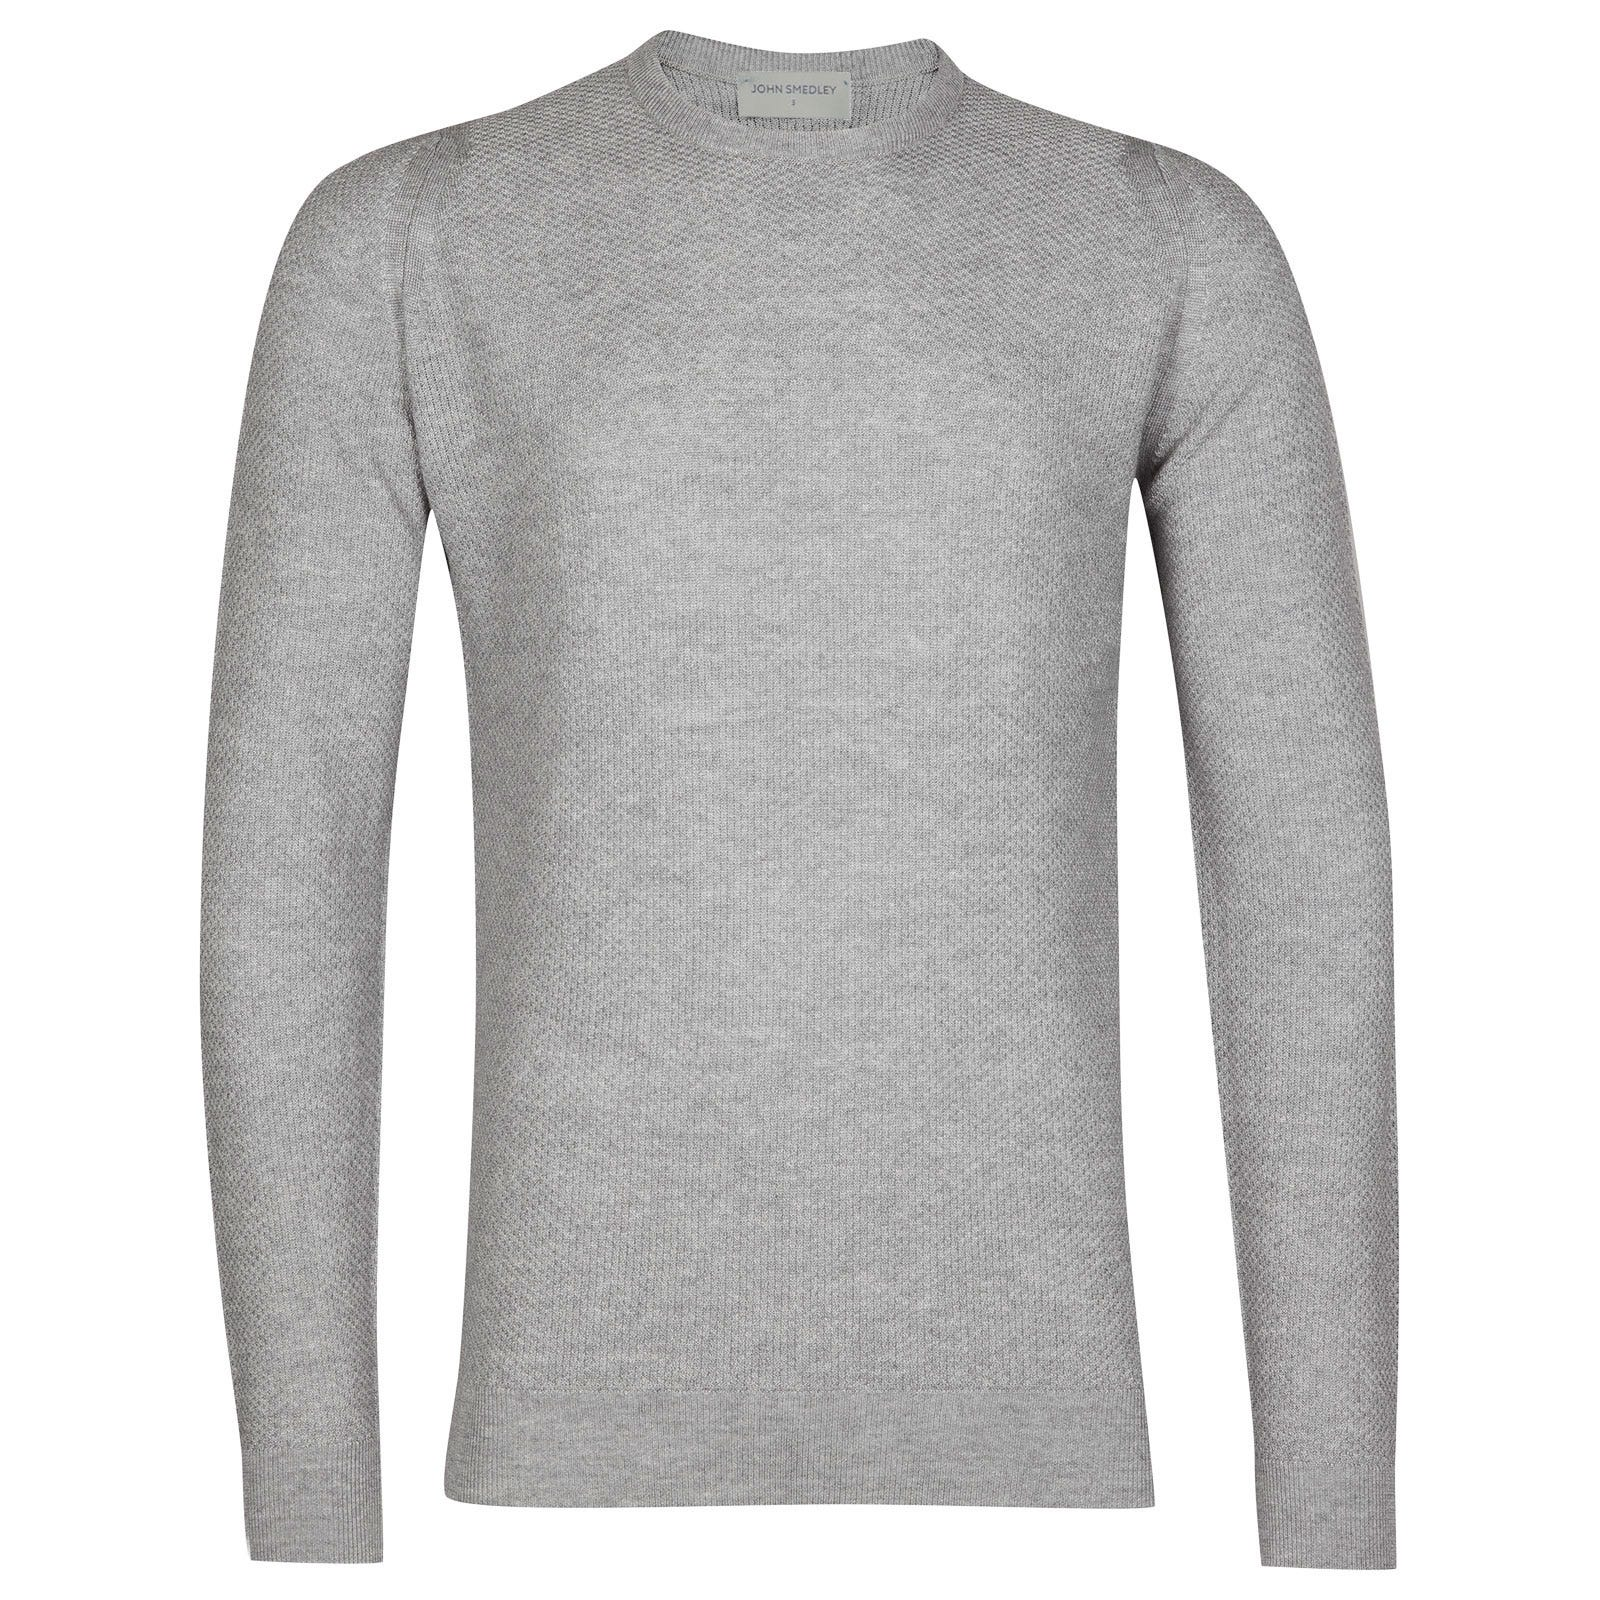 John Smedley 1Singular in Silver Pullover-MED